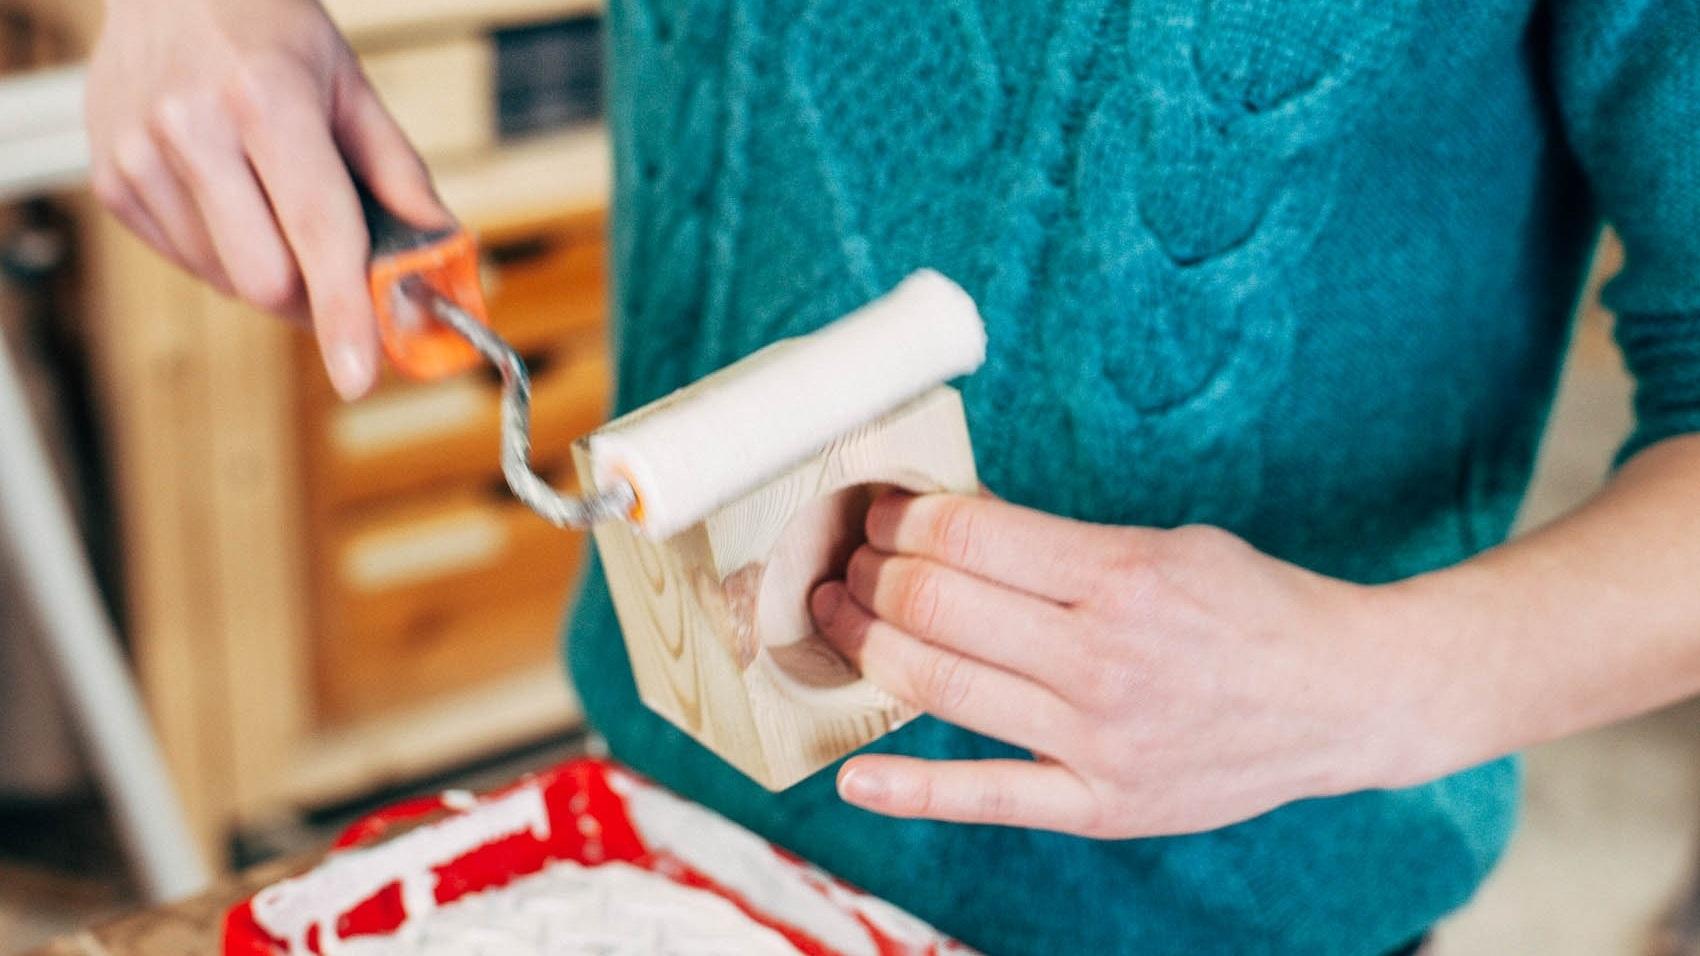 Curso de acabados   A través de este curso aprenderás varios métodos para obtener diferentes resultados según el tipo de madera y el acabado que quieras conseguir.   Próximo Curso:  Pronto más información.   Precio:  € 51